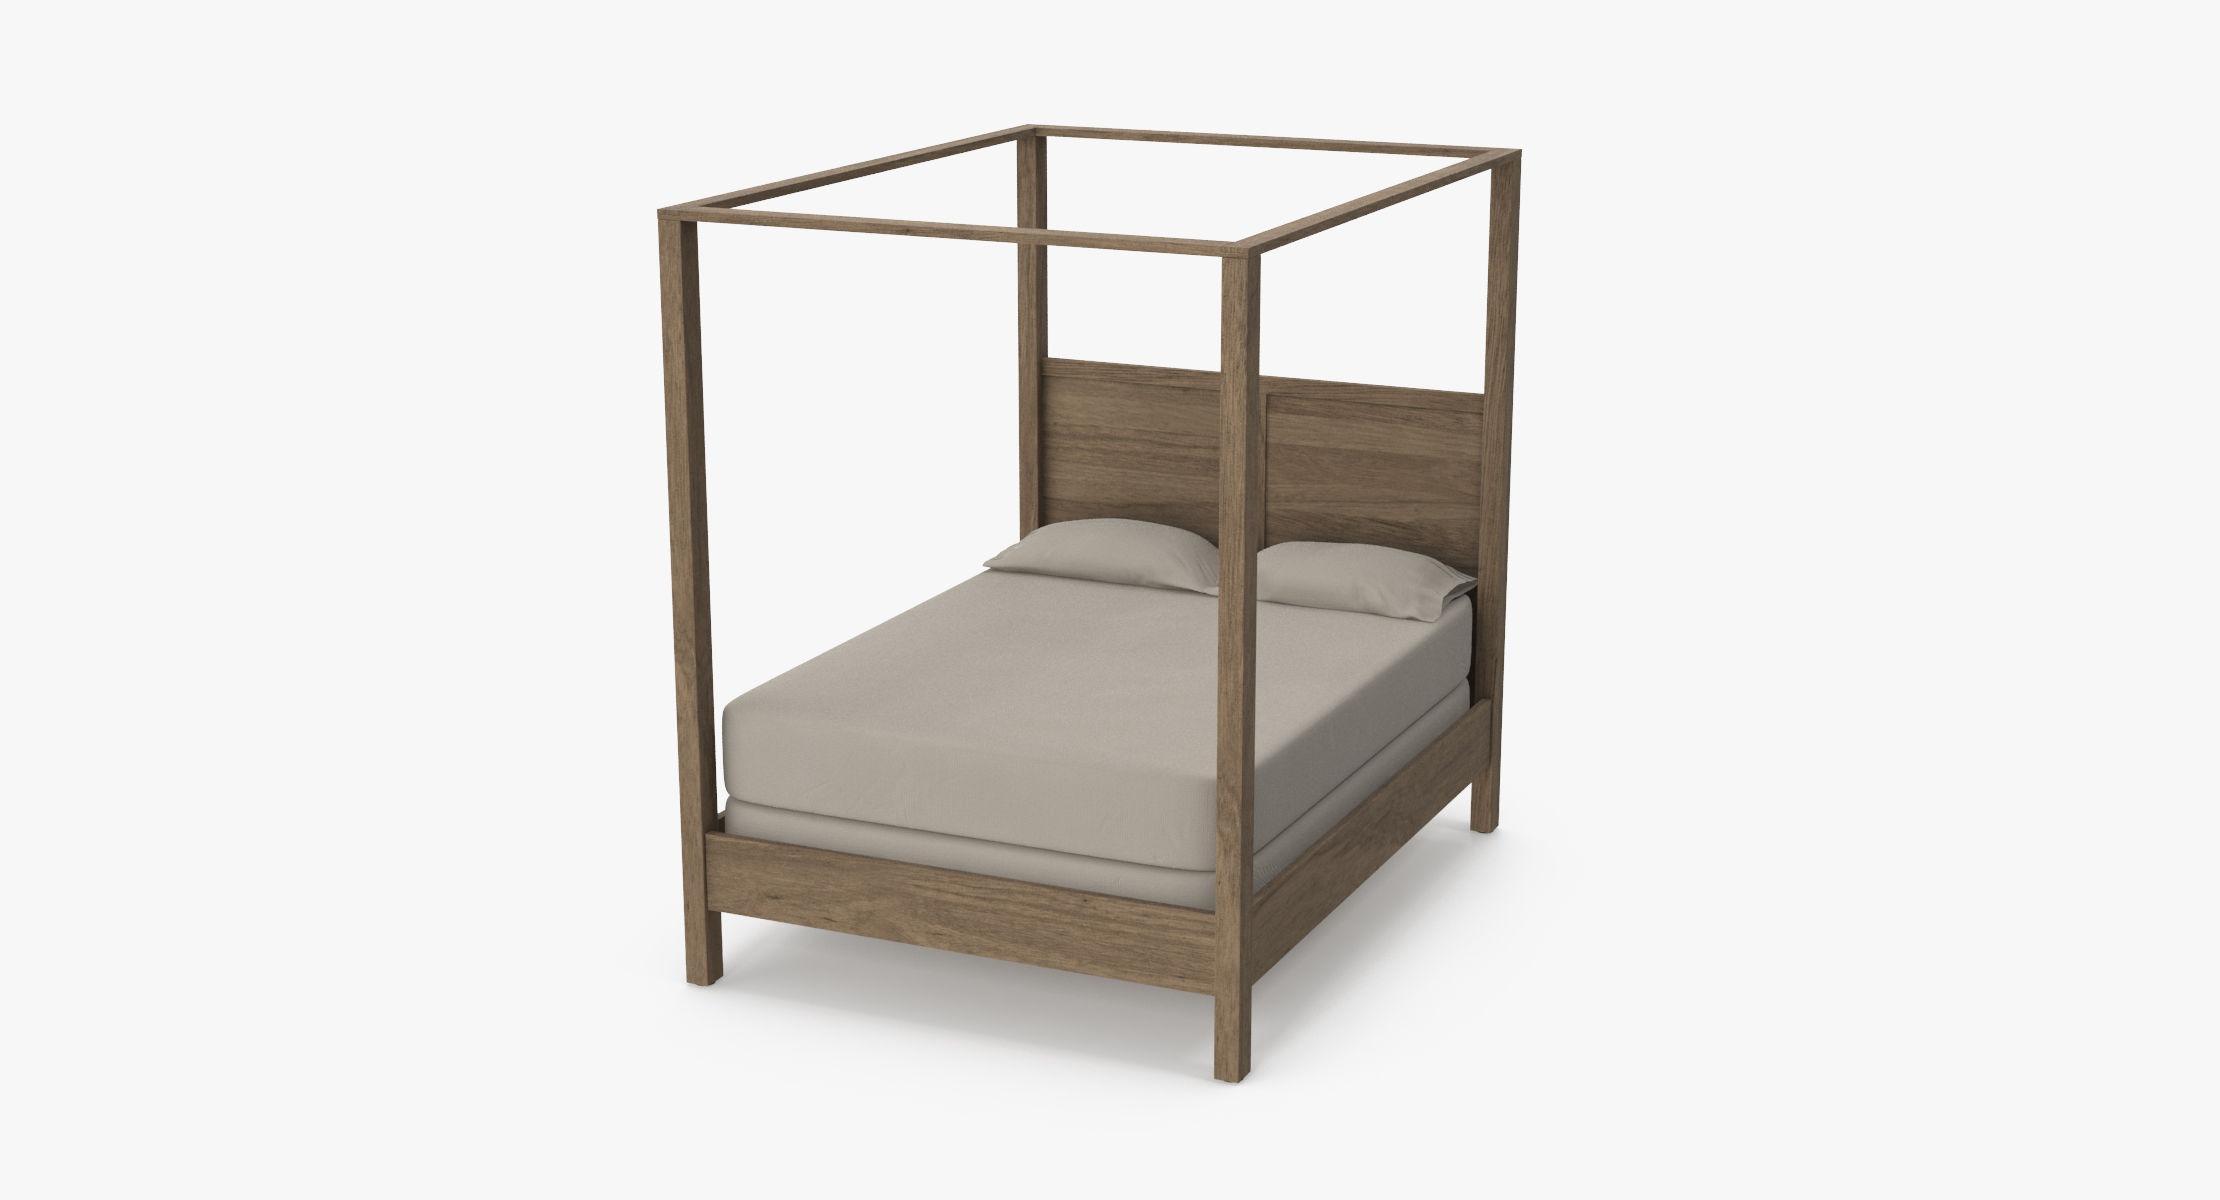 Outdoor Bed 02 - reel 1